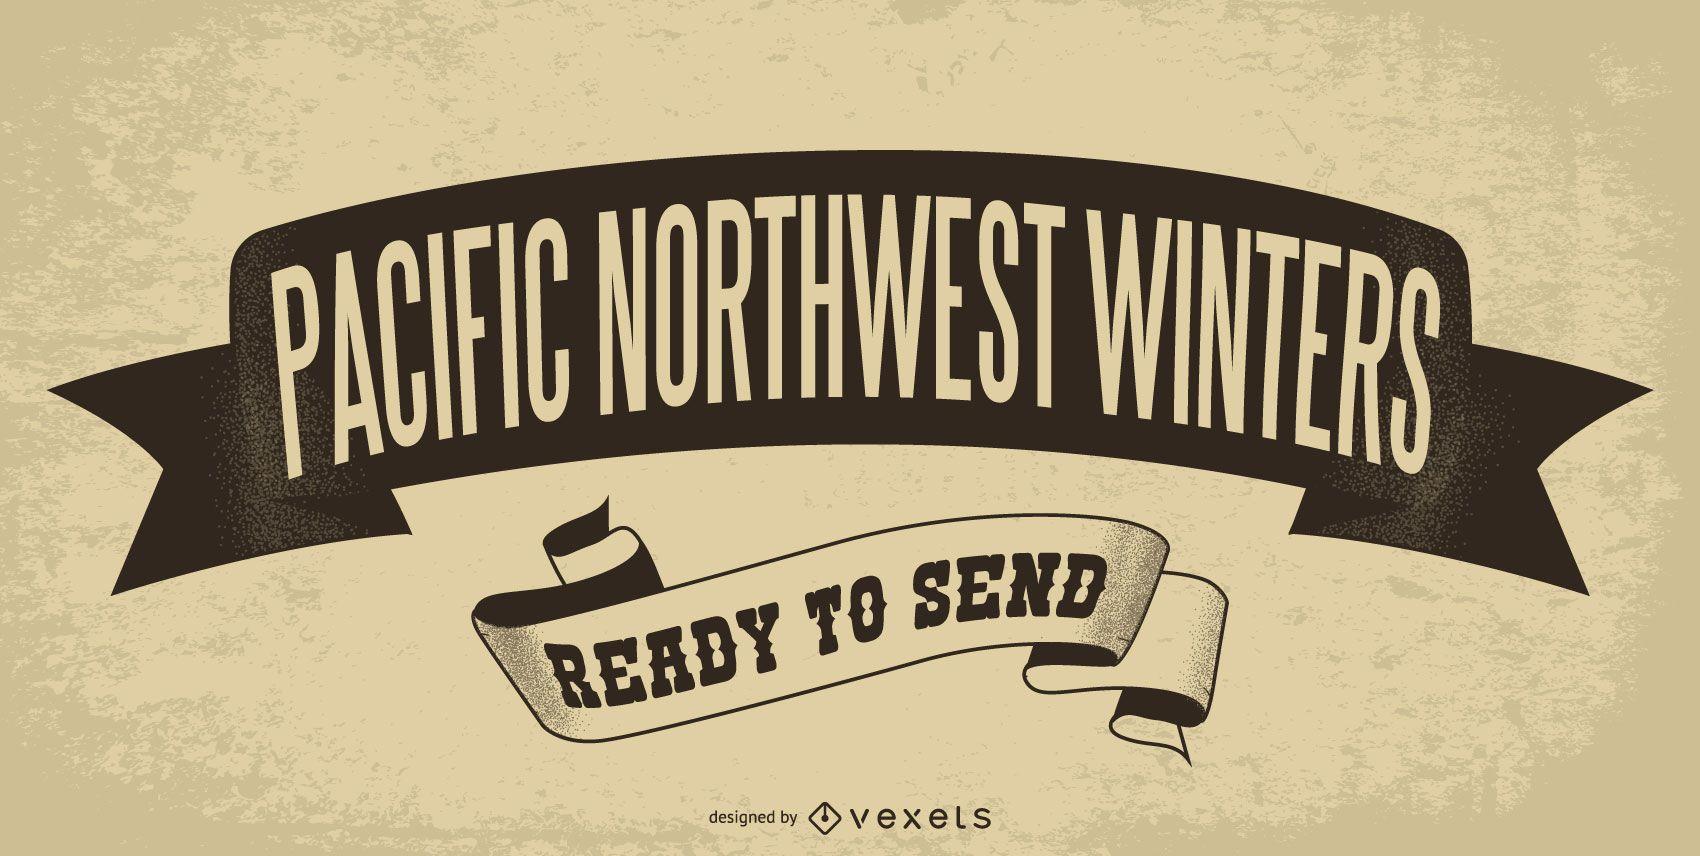 Póster inviernos del pacífico noroeste